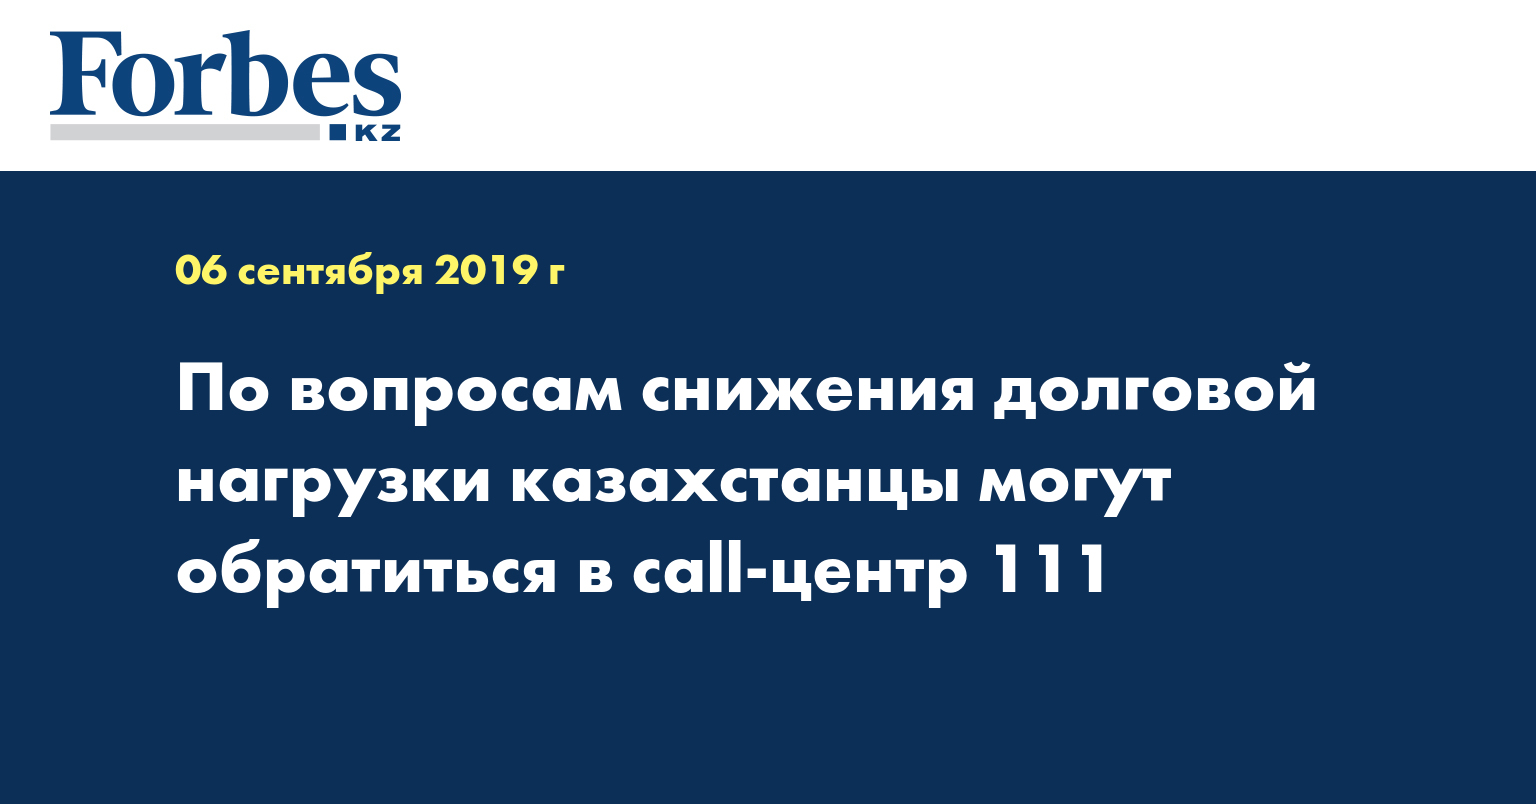 По вопросам снижения долговой нагрузки казахстанцы могут обратиться в call-центр 111